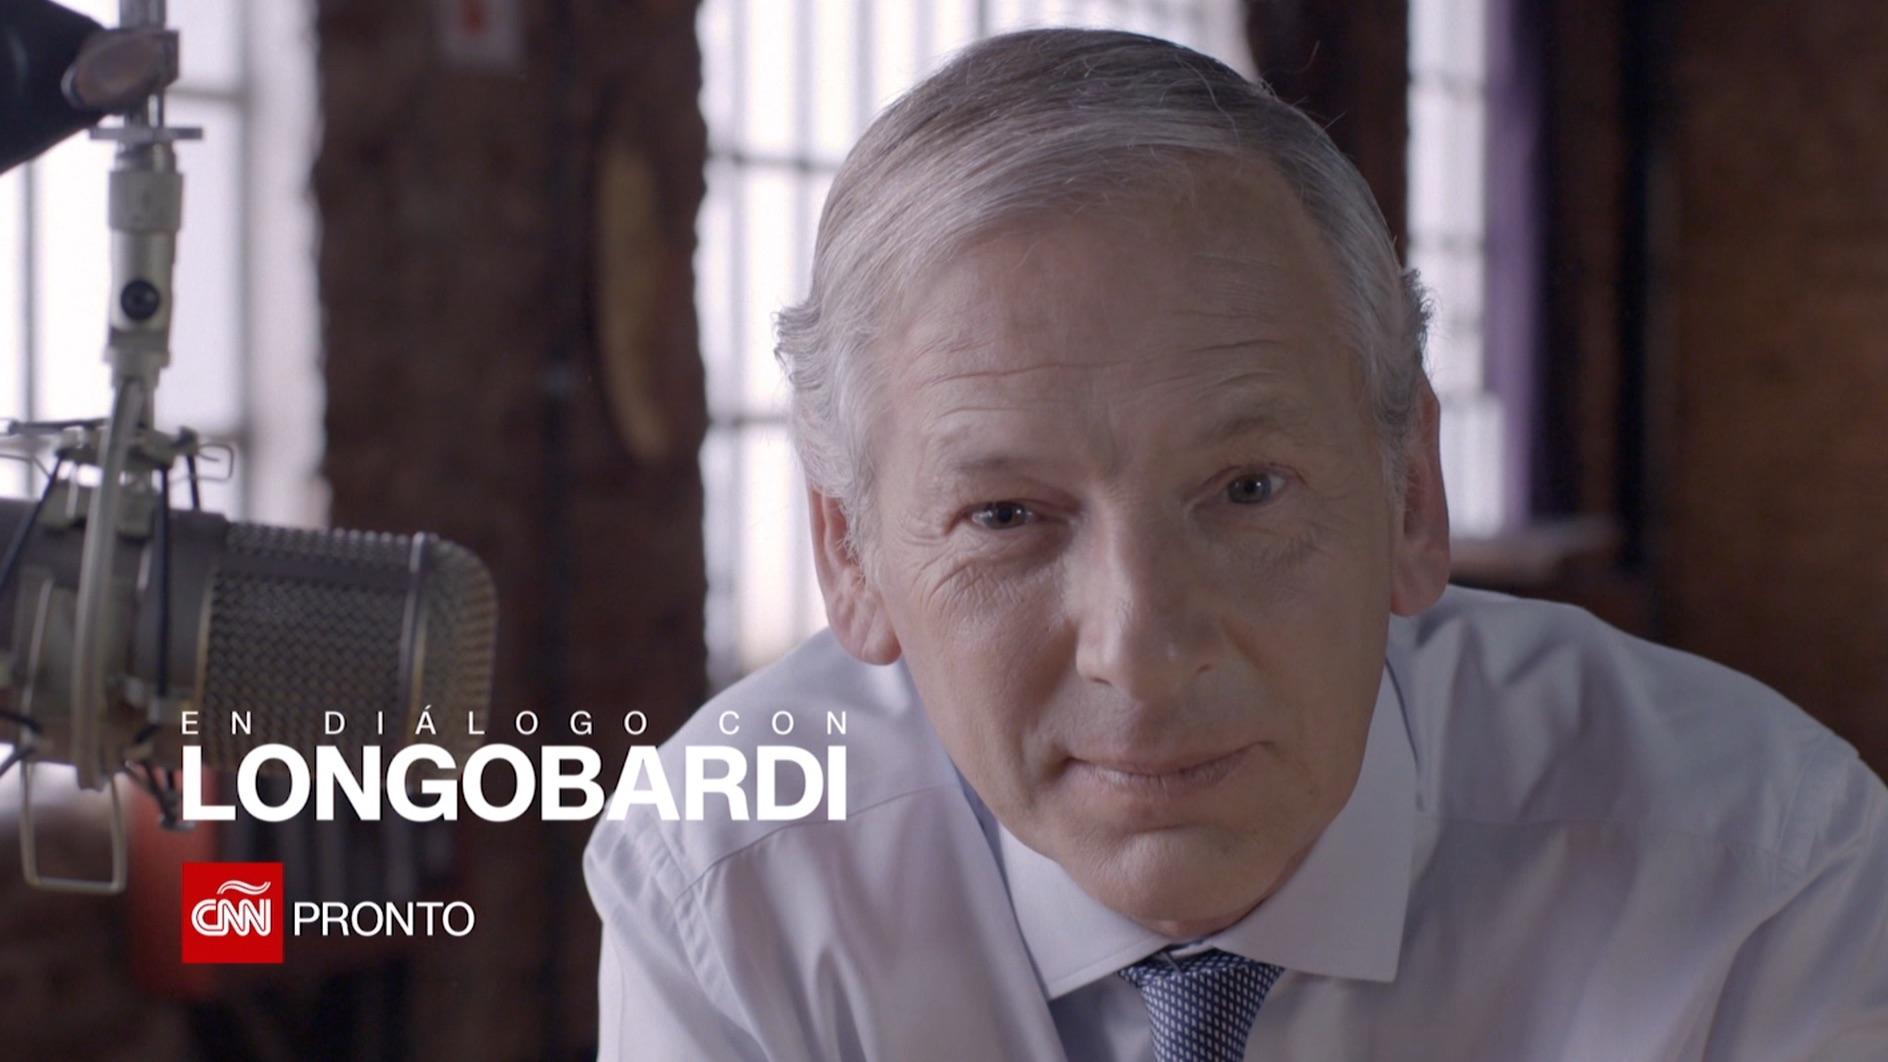 En diálogo con Longobardi – CNN